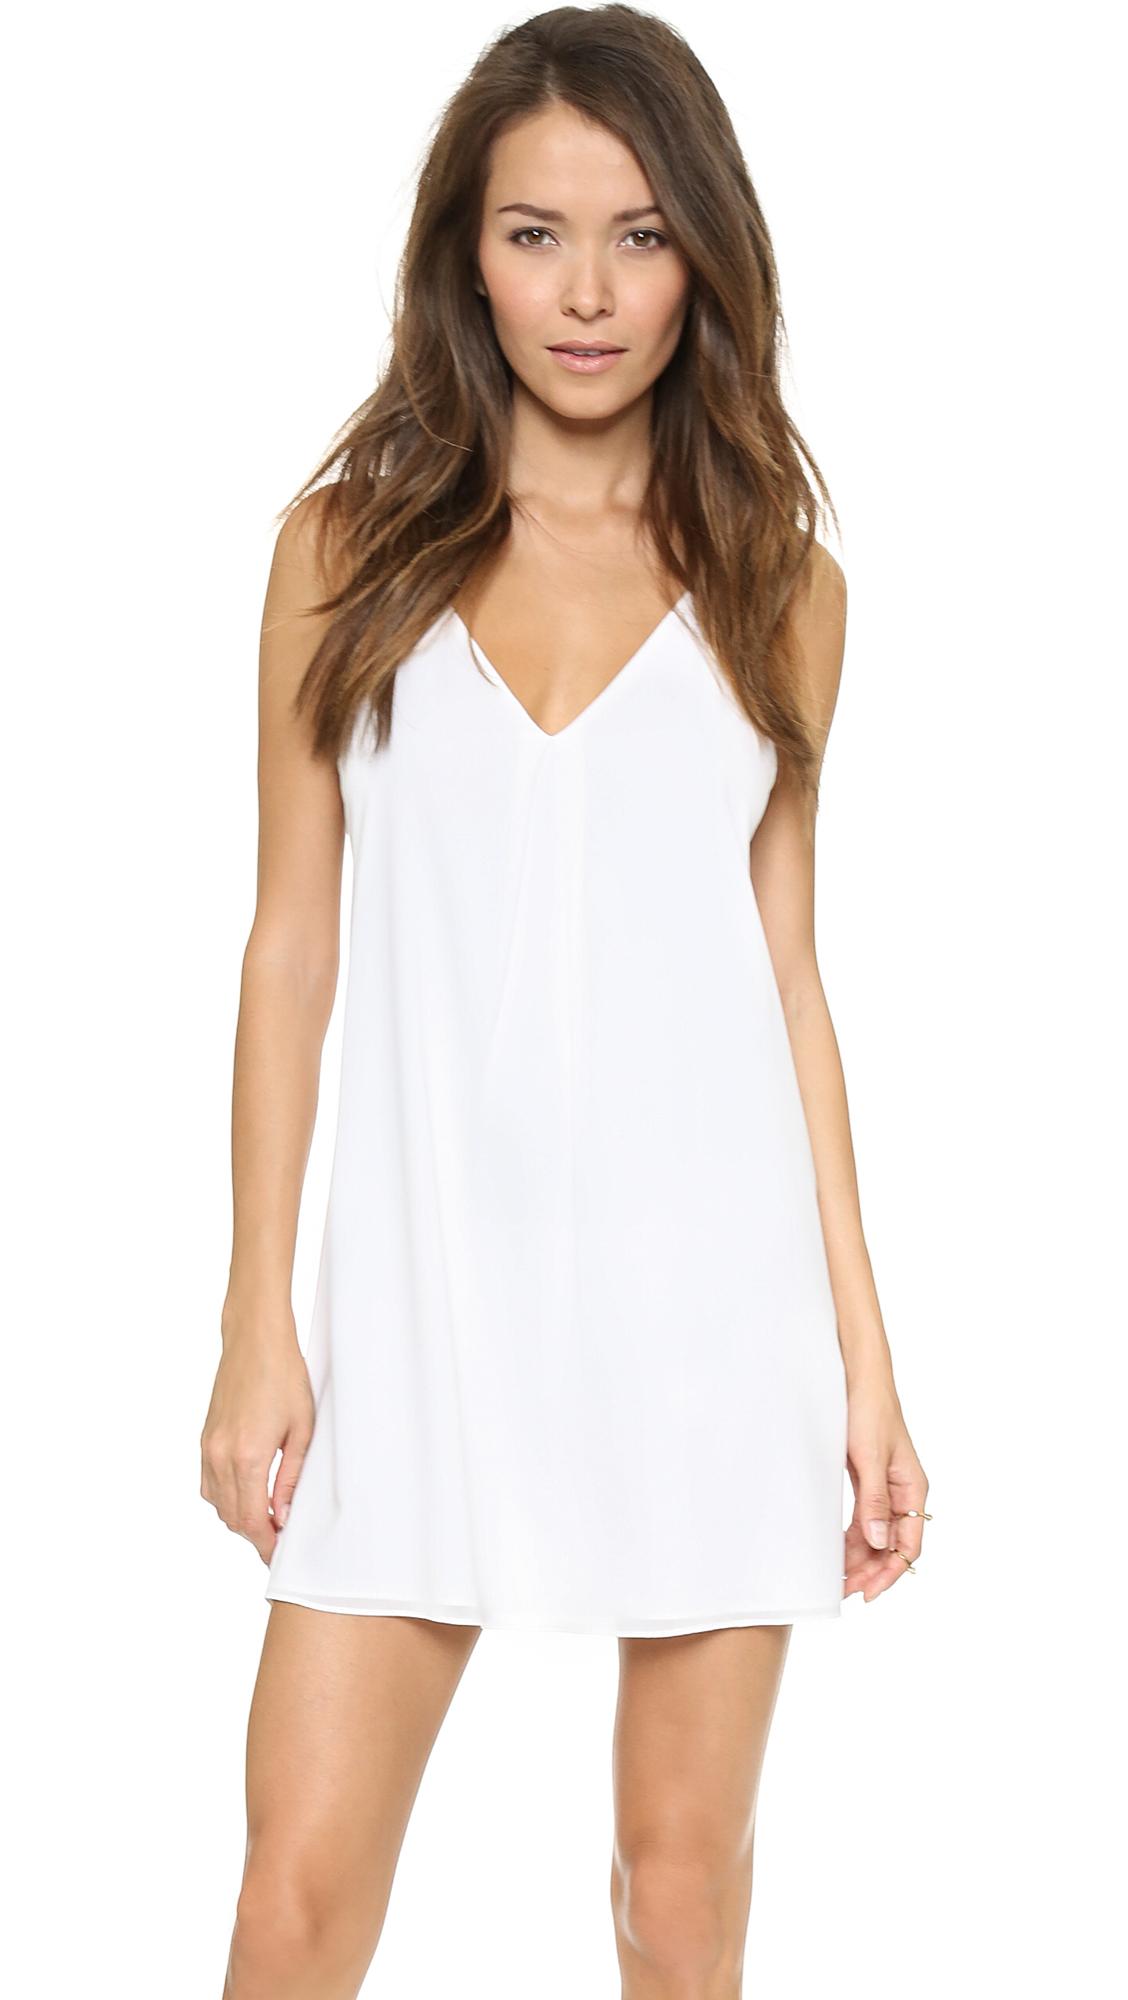 Alice + Olivia Fierra Y Back Tank Dress - White at Shopbop